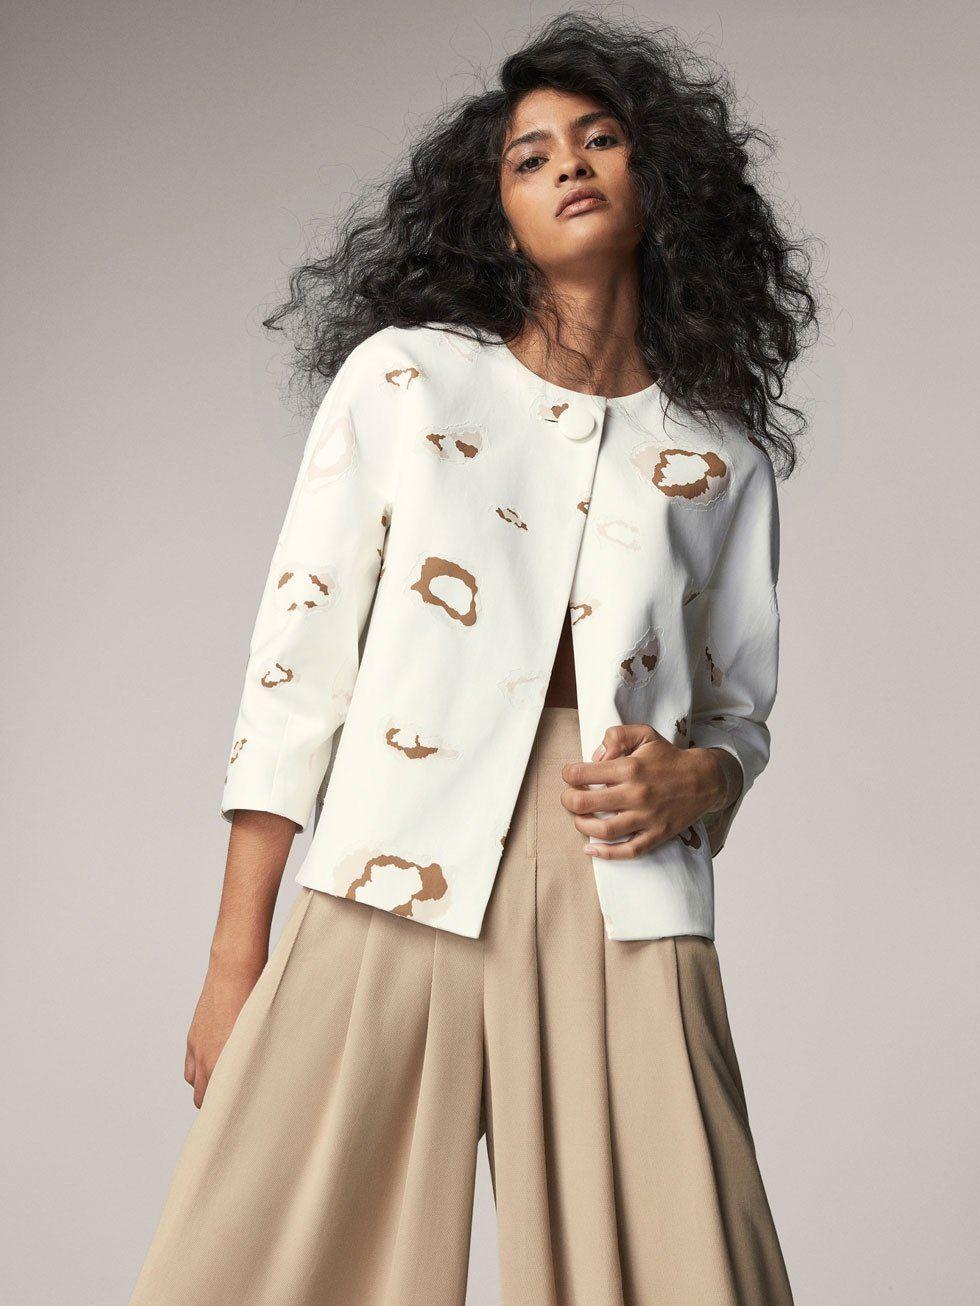 Massimo Dutti Trench Coat 6007 607 Pattern Fashion Jacket Pattern Trench Coats Women